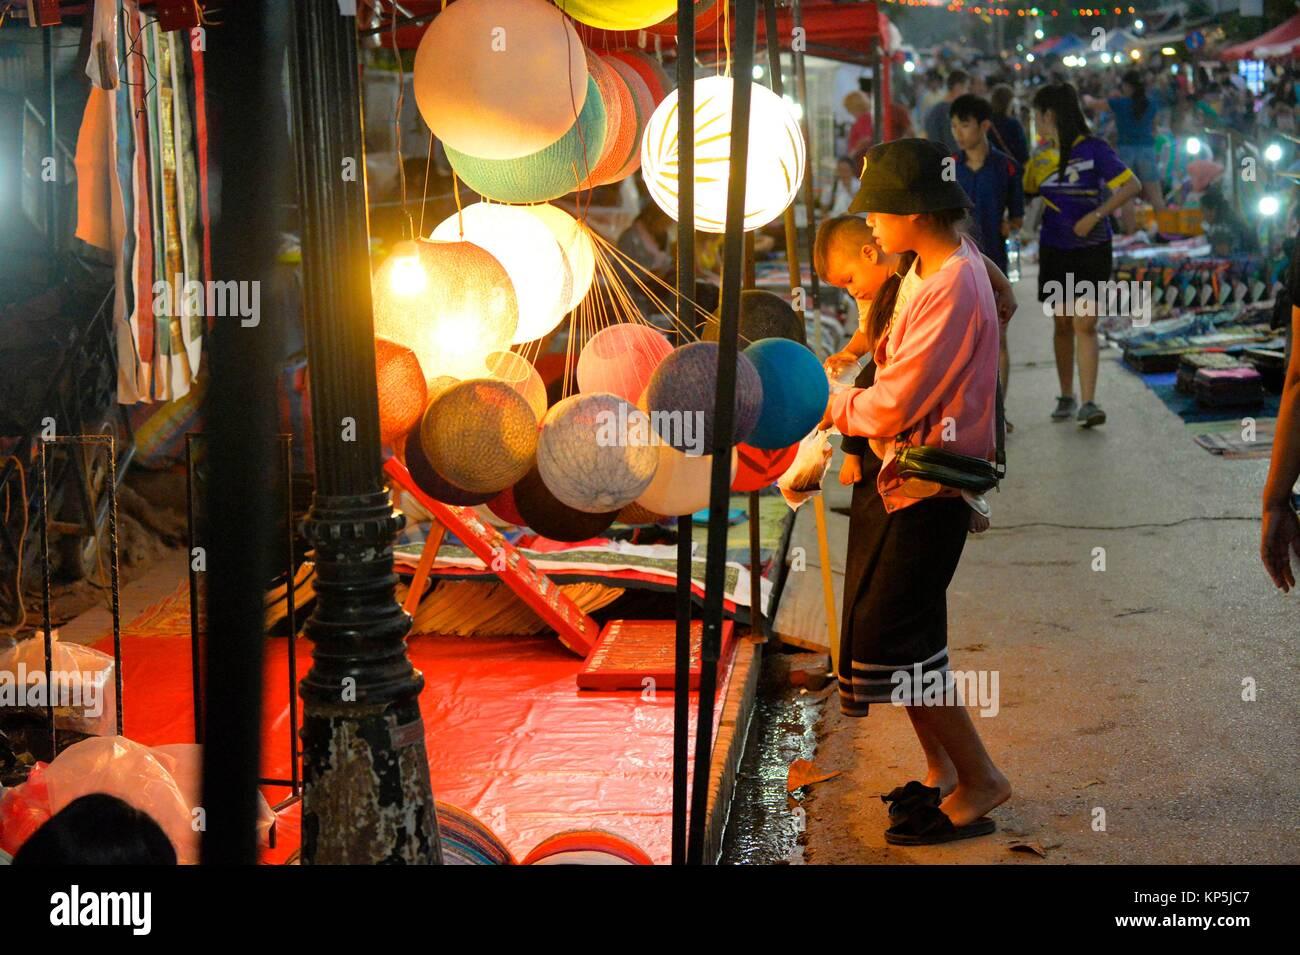 Marché de nuit,Laos,Luang Prabang,Asie du sud-est. Photo Stock